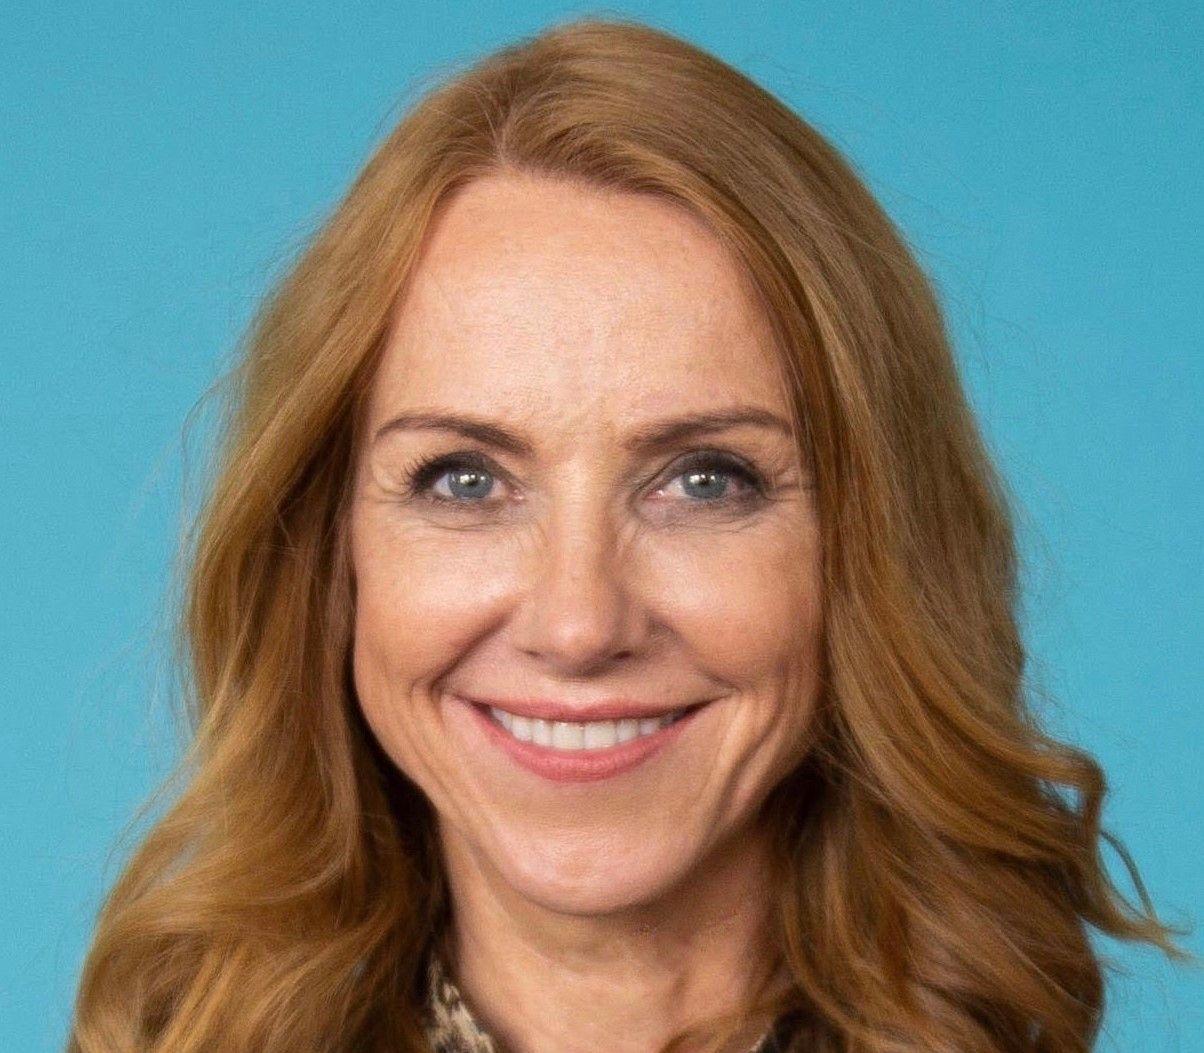 Kristin Skare Orgeret